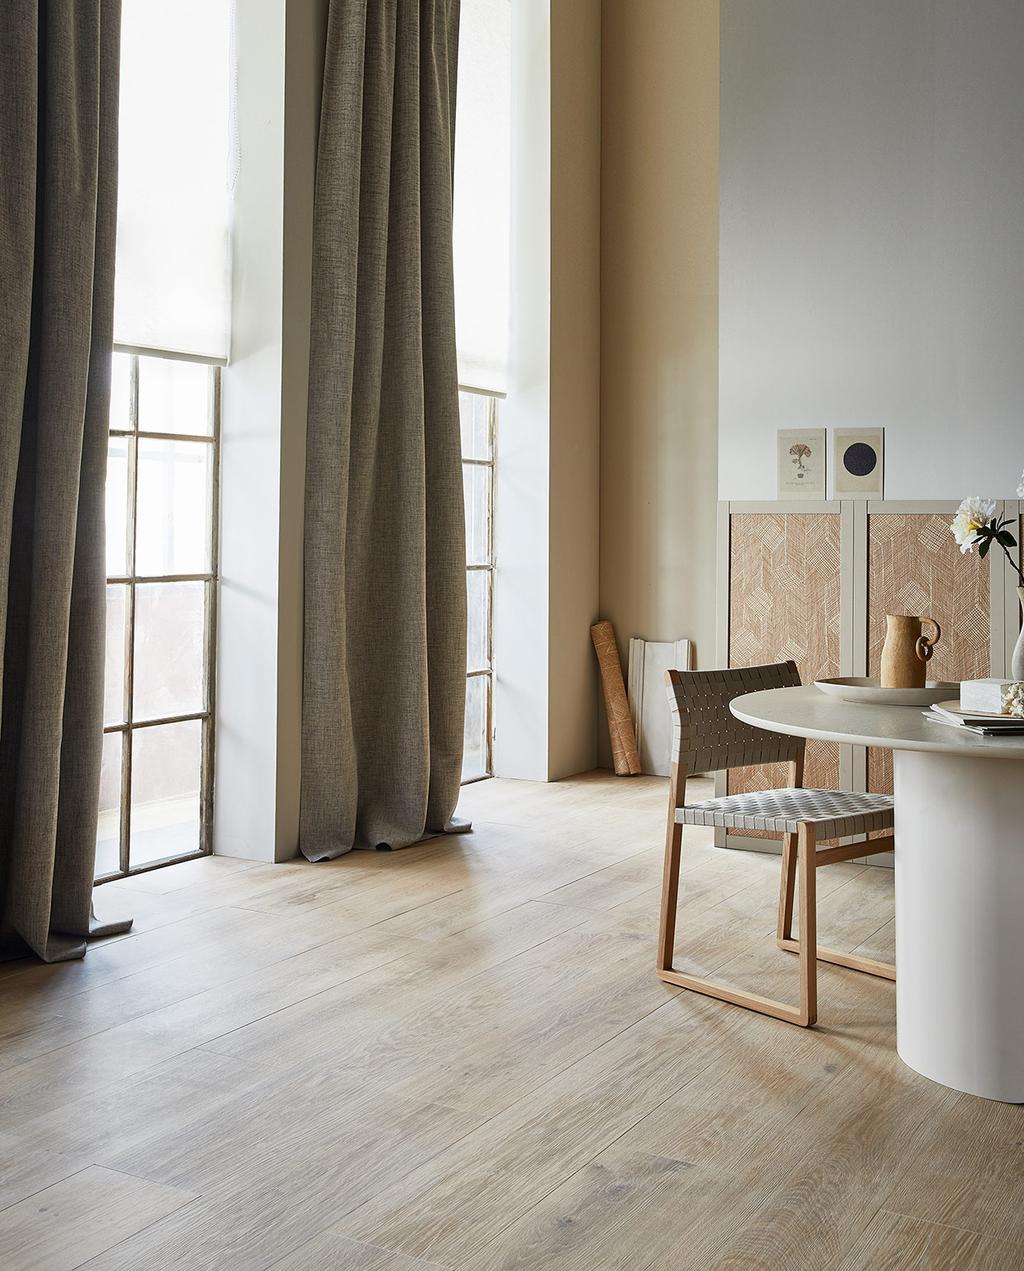 vtwonen 07-2021 | licht huis met grijze gordijnen, een witte ronde tafel, en landhuiseffect I nieuwe gordijnen